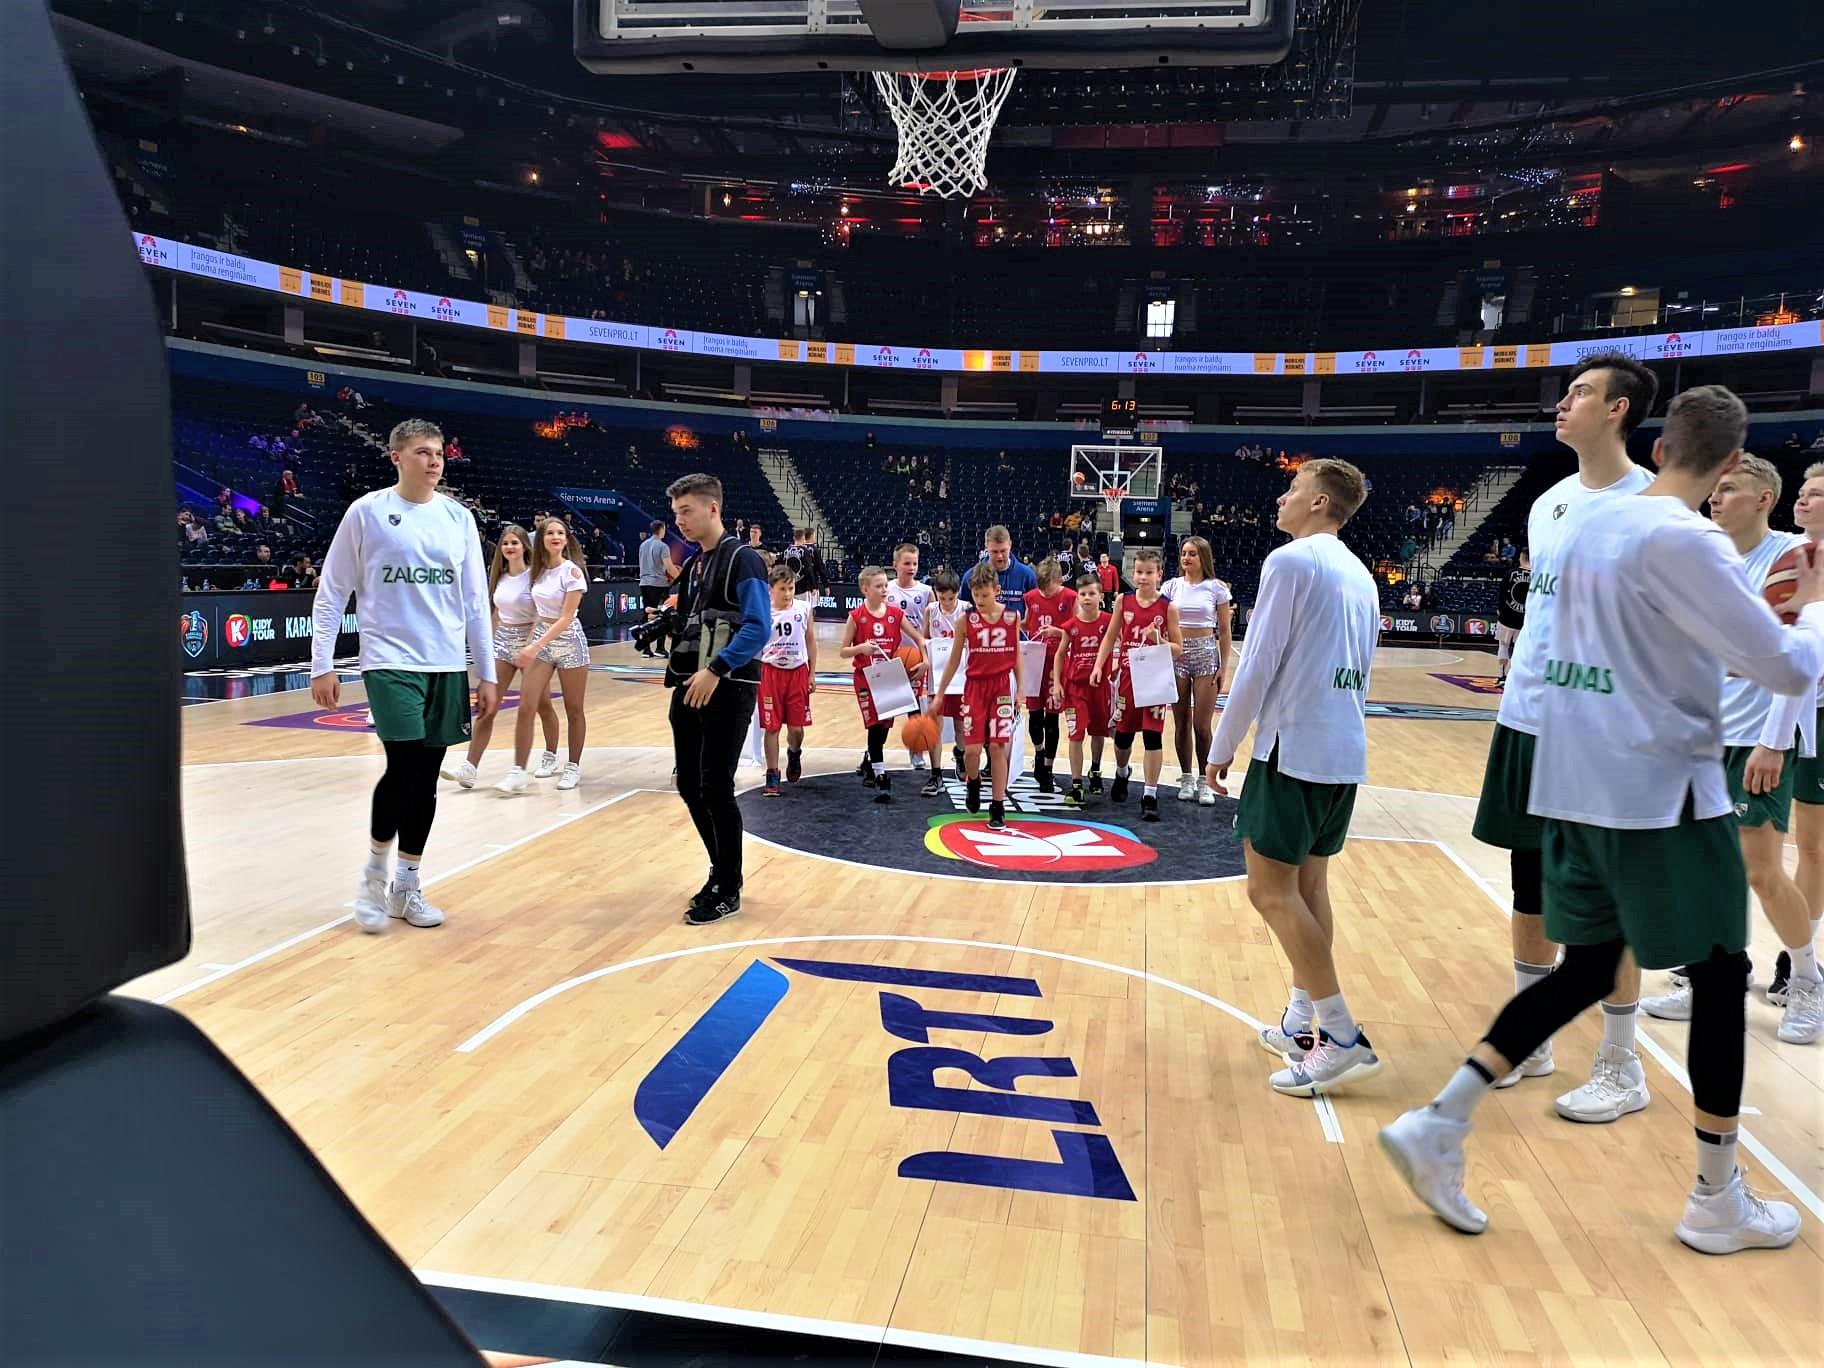 Aukštaitijos krepšinio mokyklos auklėtiniai tapo įspūdingo LKL organizuoto Karaliaus Mindaugo taurės finalinio renginio dalimi